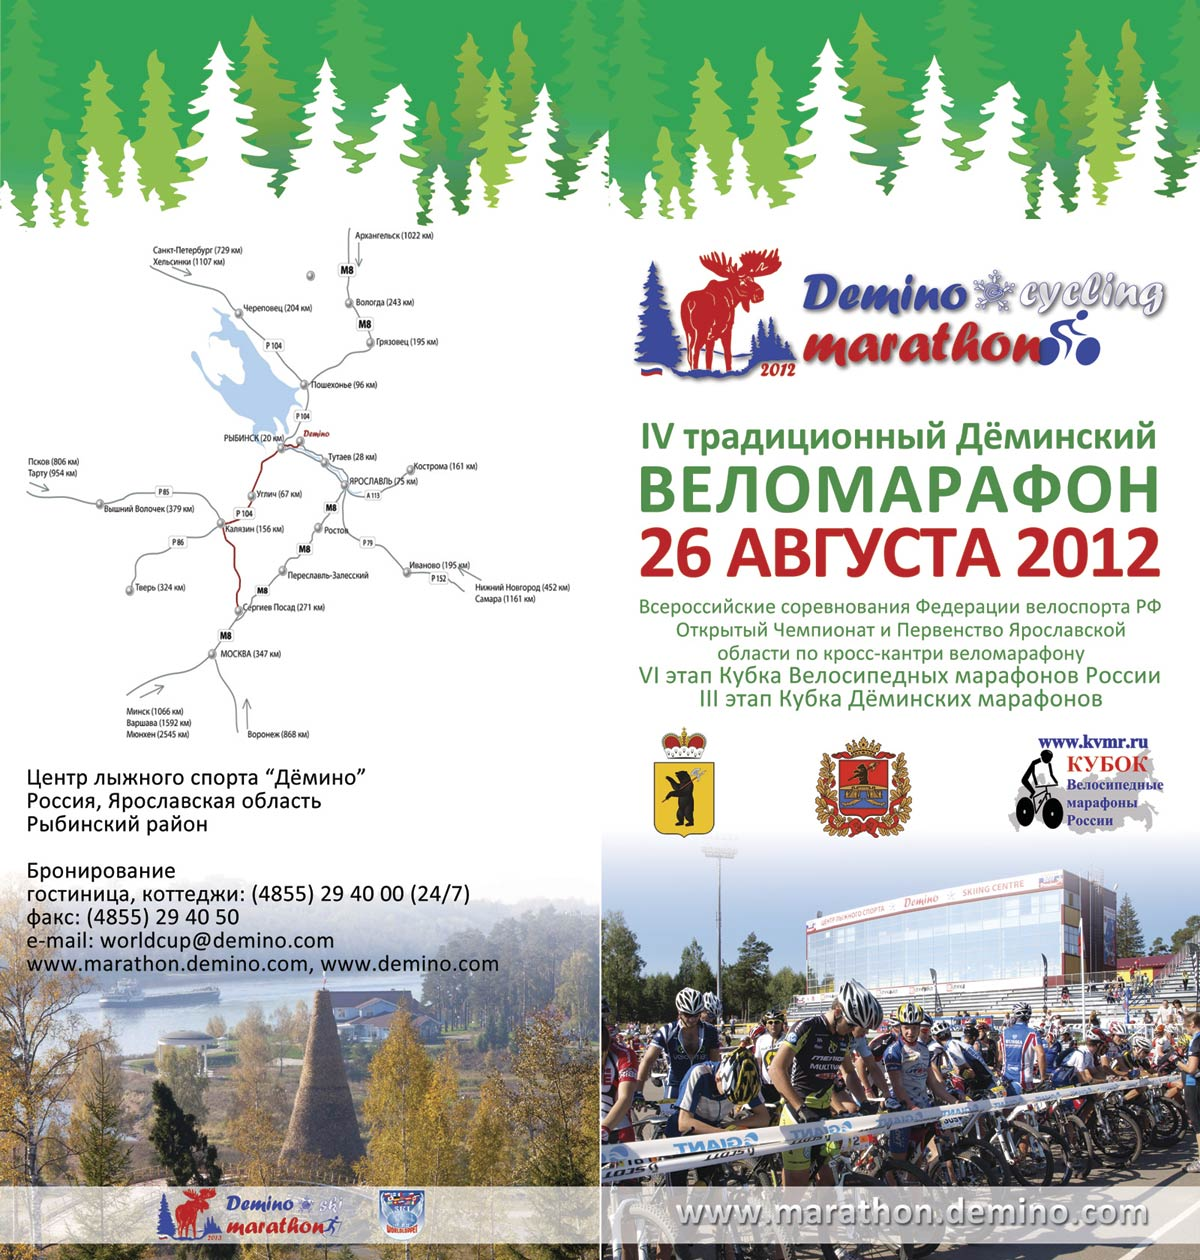 Буклет Деминского веломарафона-2012